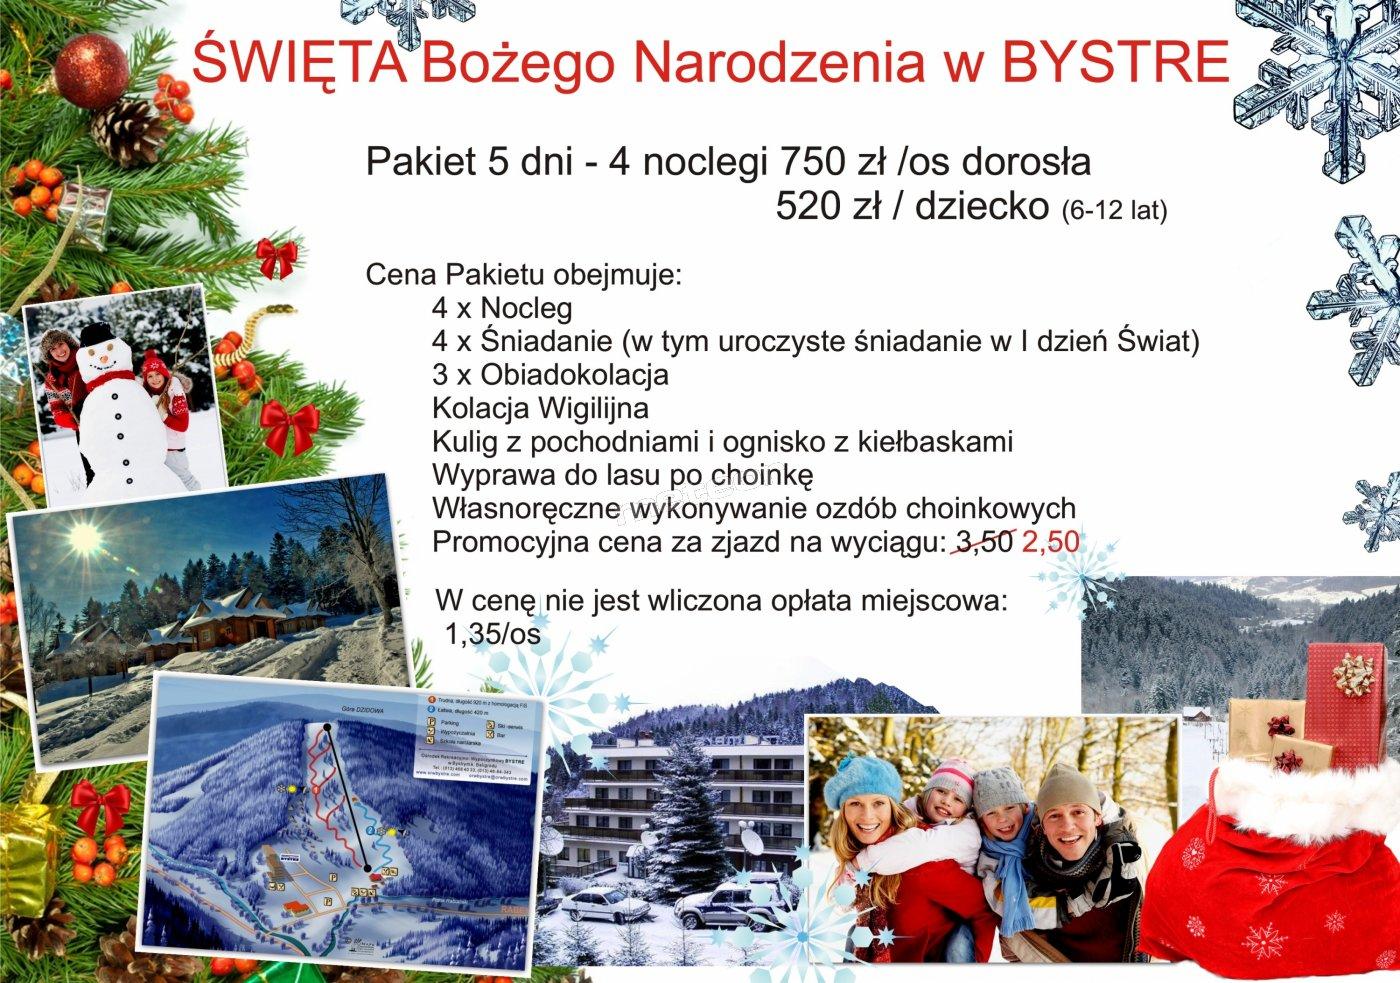 Święta Bożego Narodzenia w Bieszczadach (realizacja pakietu powyżej dokonanych rezerwacji w sumie dla 40 os)